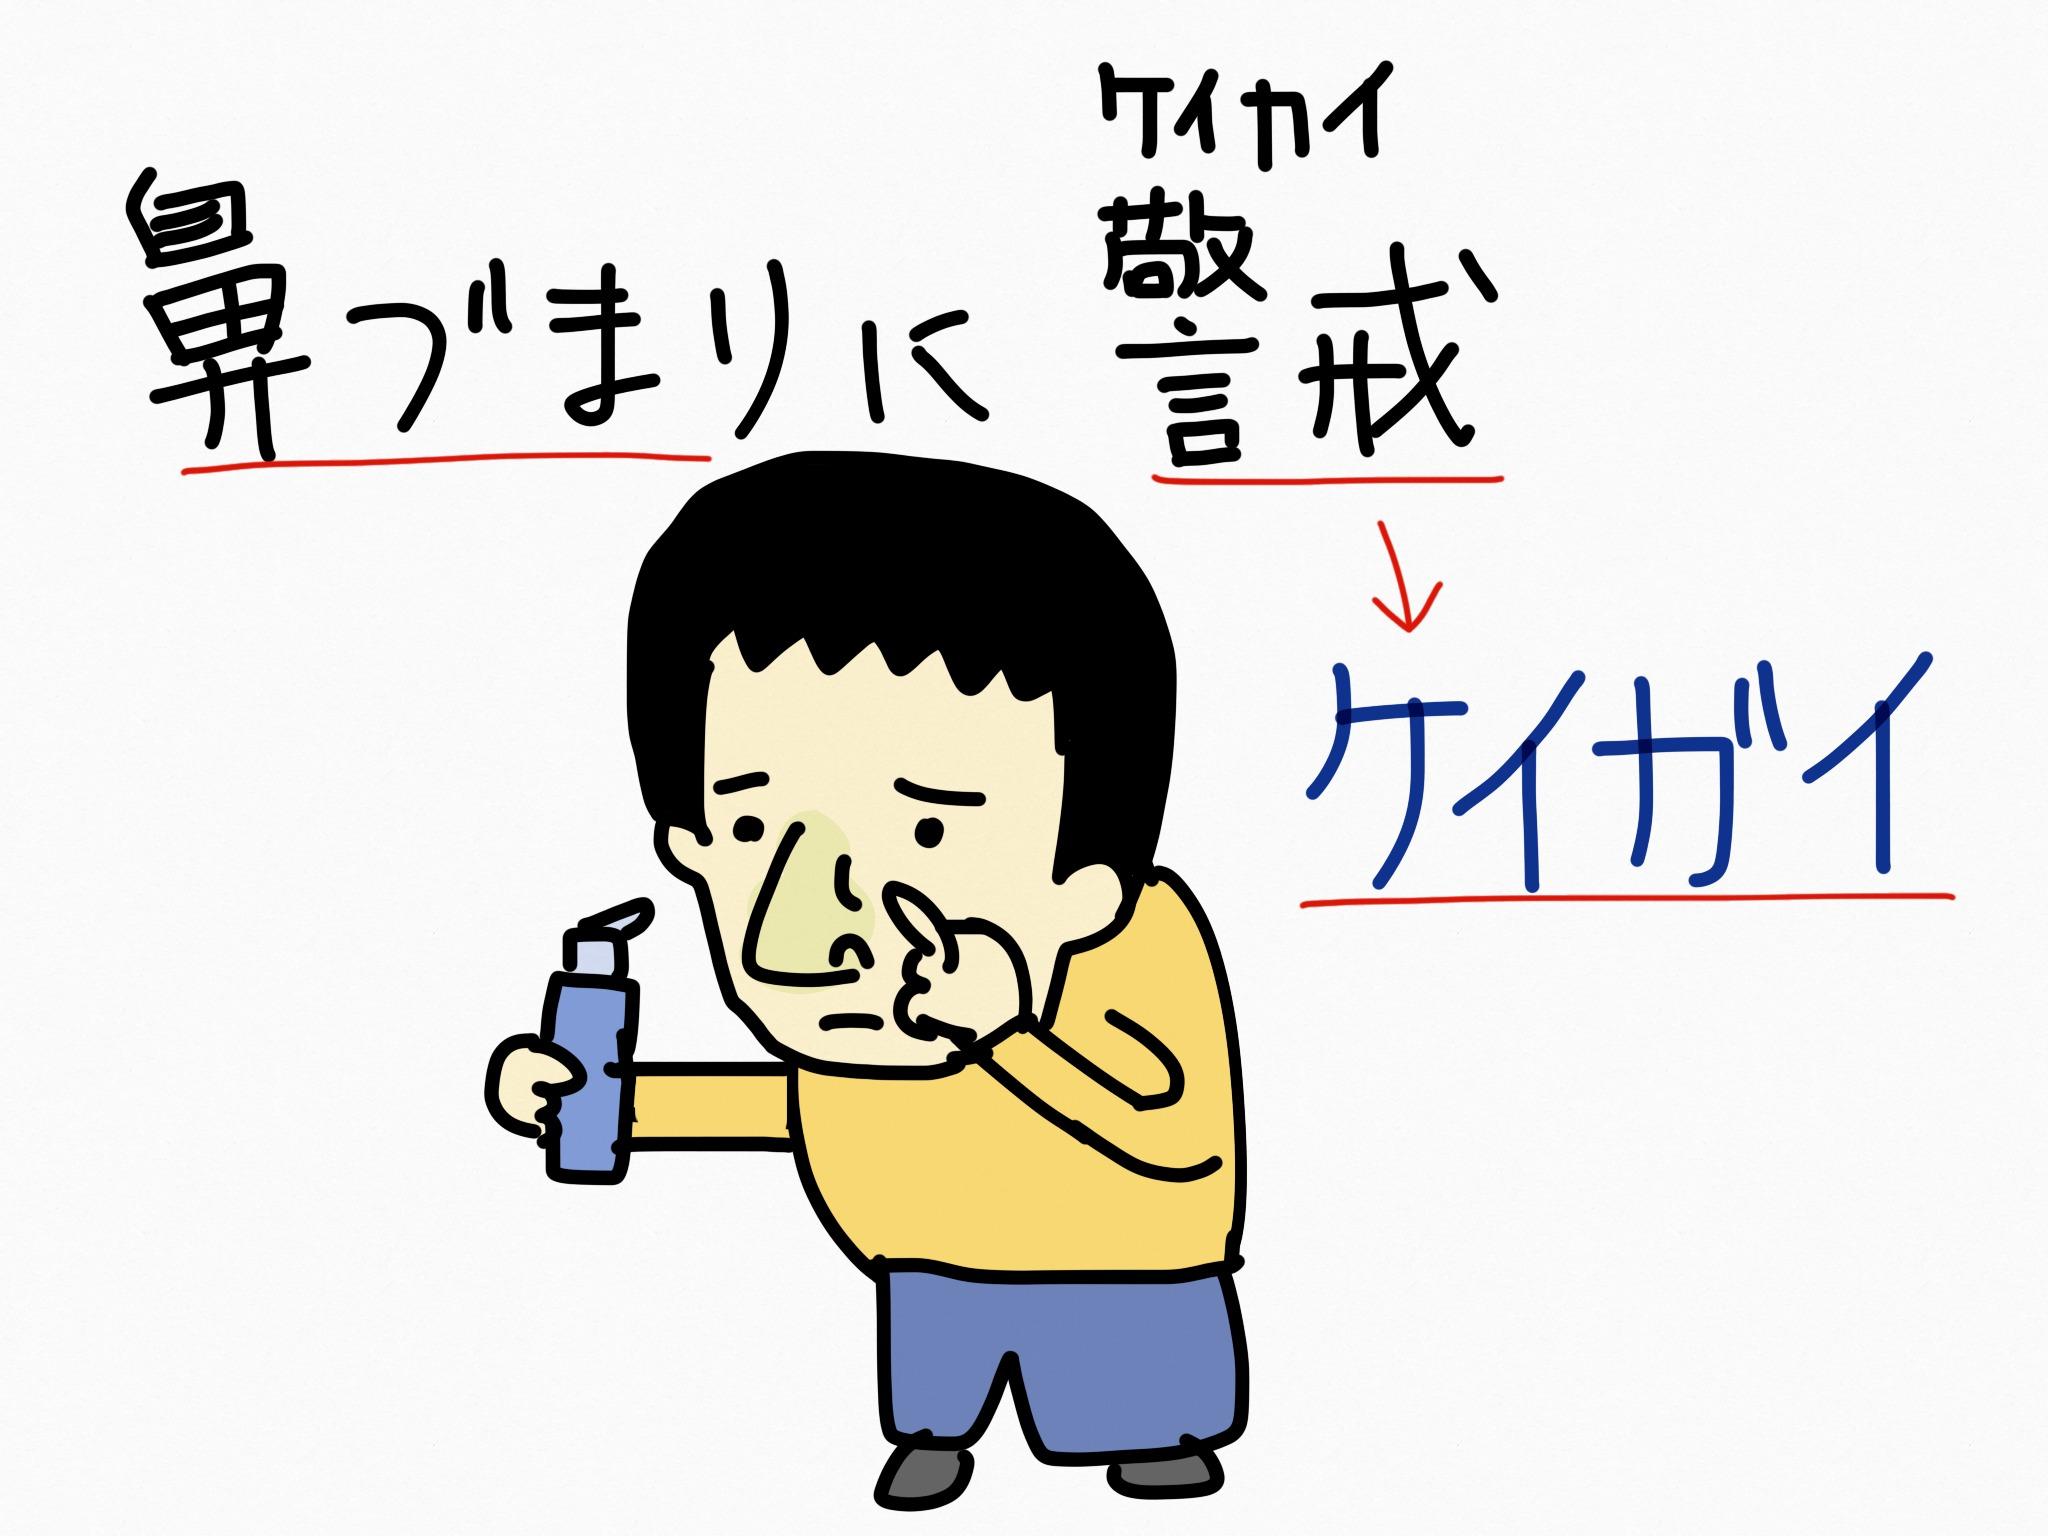 ケイガイ[鼻炎用内服薬]生薬の覚え方・暗記方法・語呂合わせ